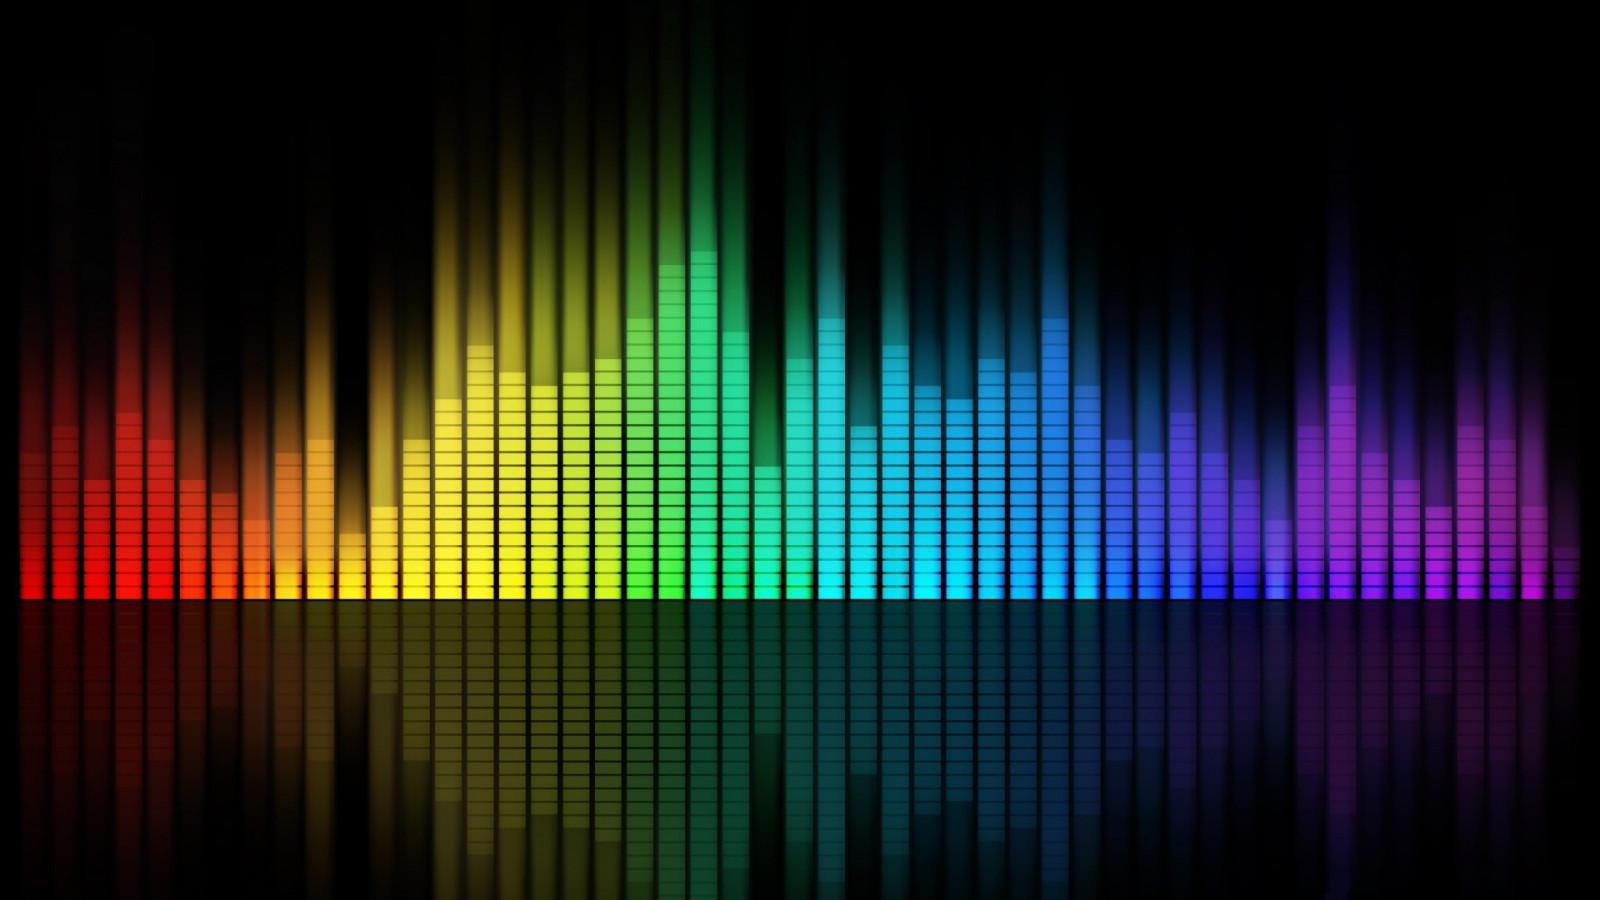 Programa para editar fotos con musica de fondo gratis 13